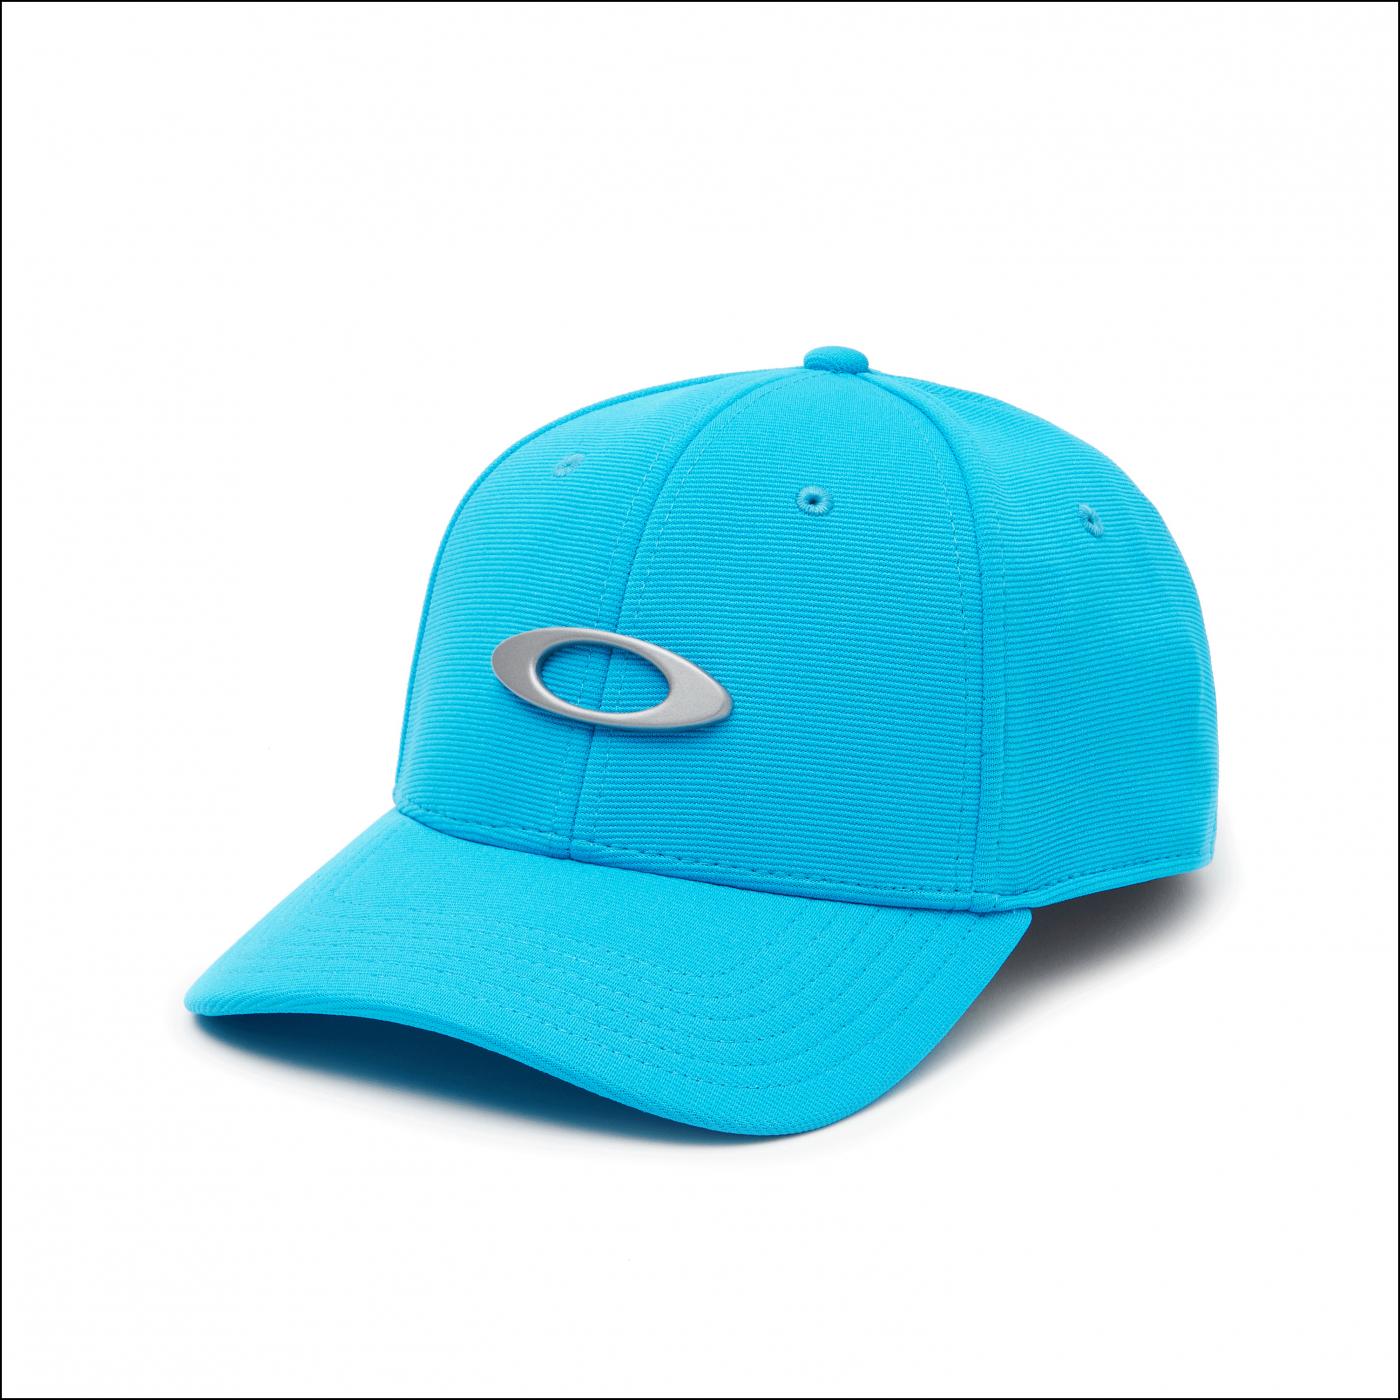 81aef4a4b OAKLEY šiltovka TINCAN CAP atomic blue | BONMOTO